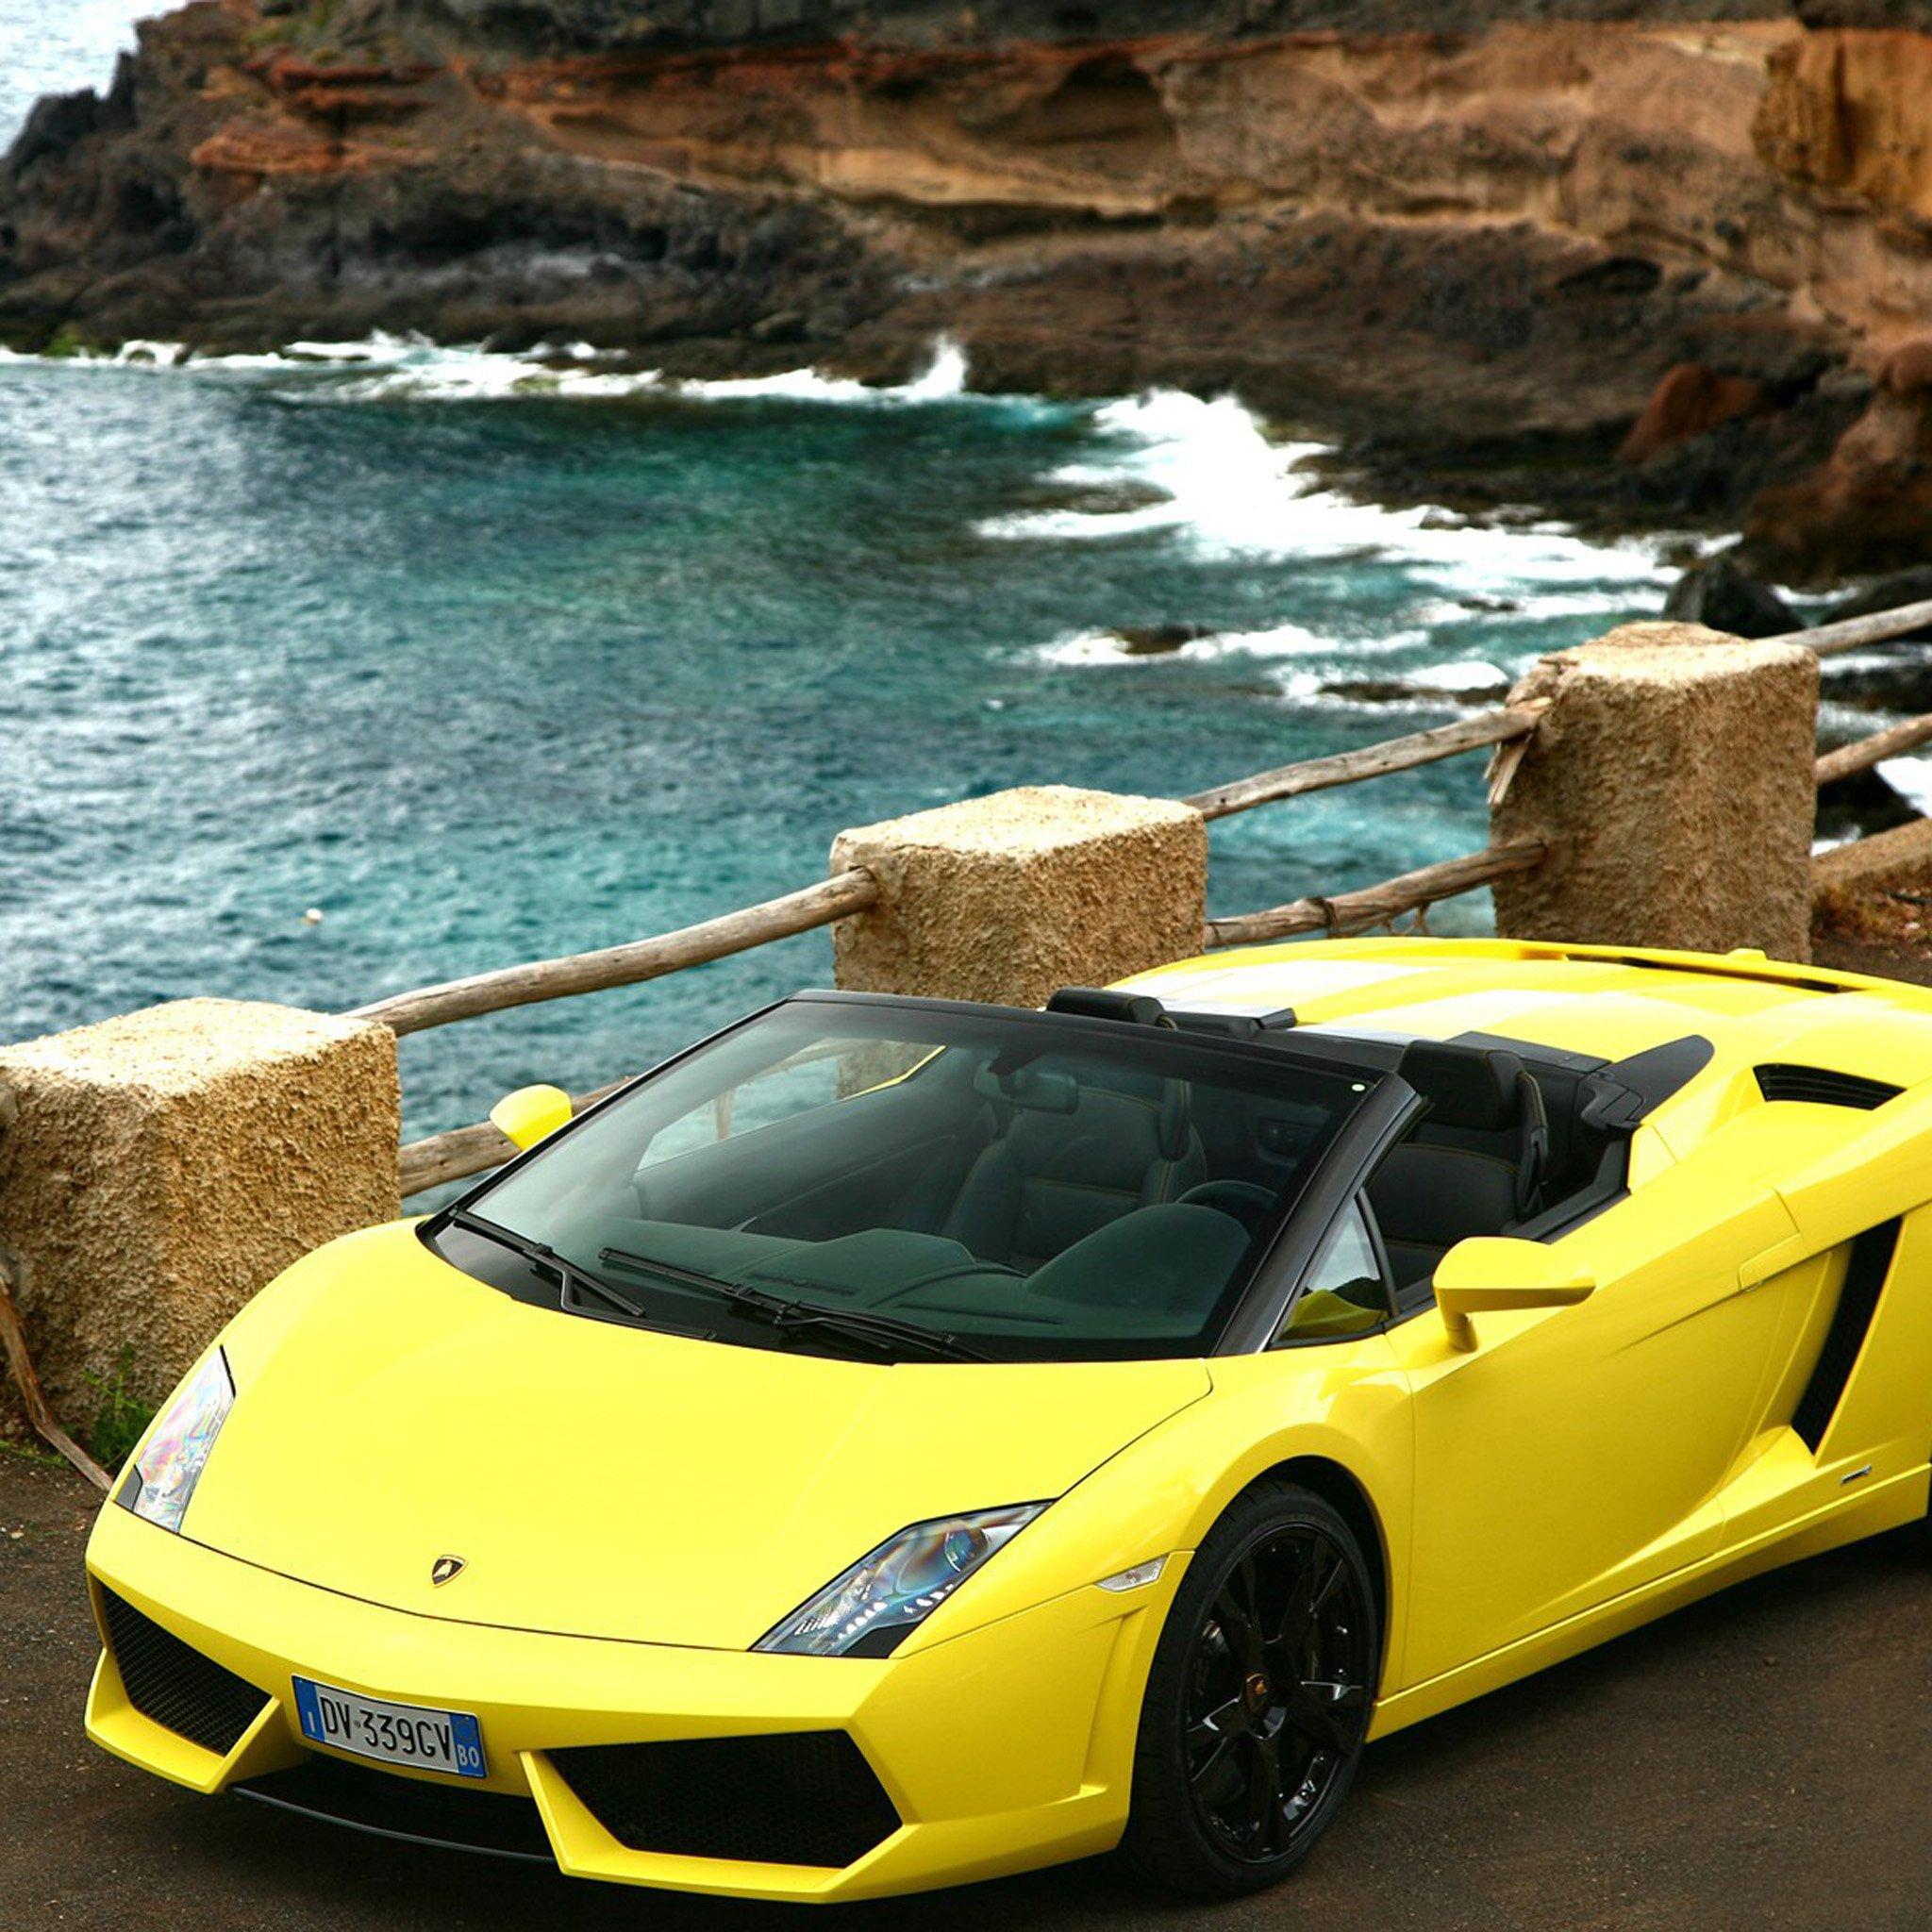 2009-Lamborghini-Gallardo-Lp560-3Wallpapers iPad Retina